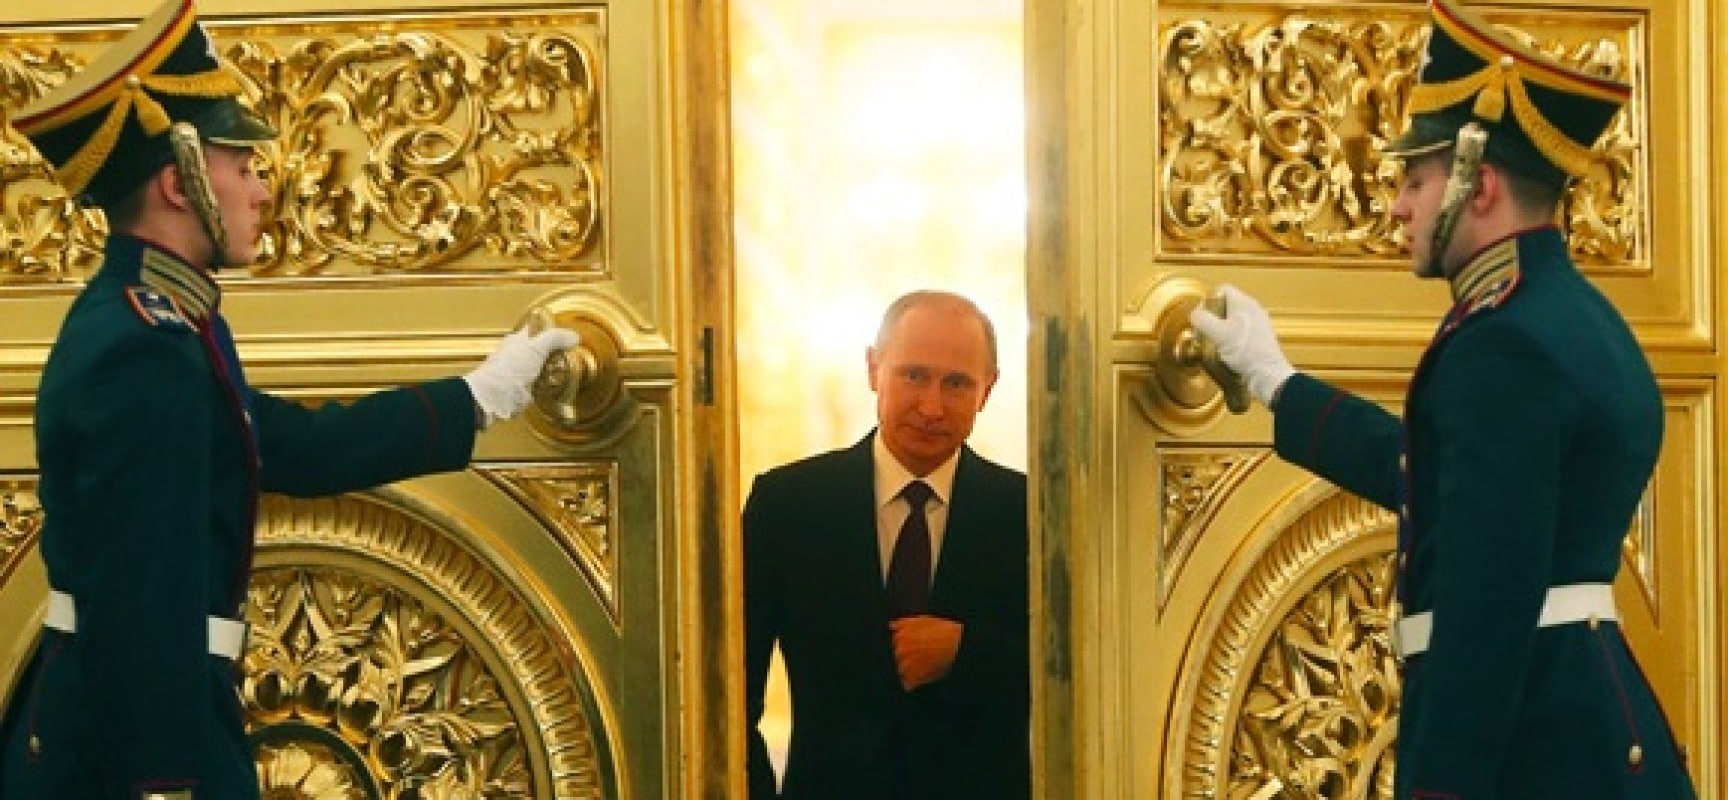 La Russie a accru ses réserves d'Or de 6,2 tonnes au mois de Janvier 2020, portant ainsi ses réserves à près de 2277 tonnes